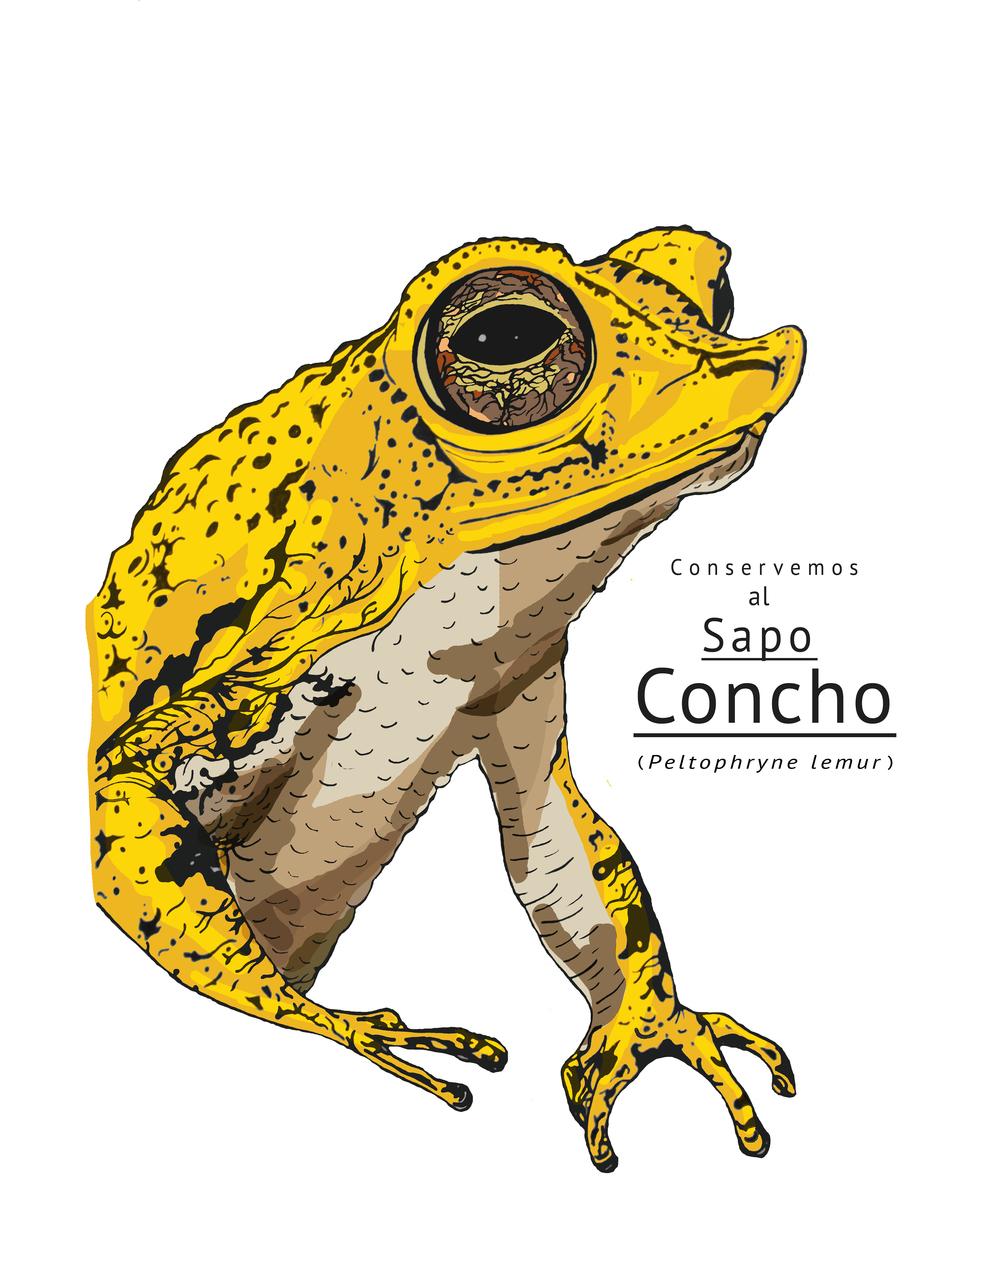 Salvemos al Sapo Concho